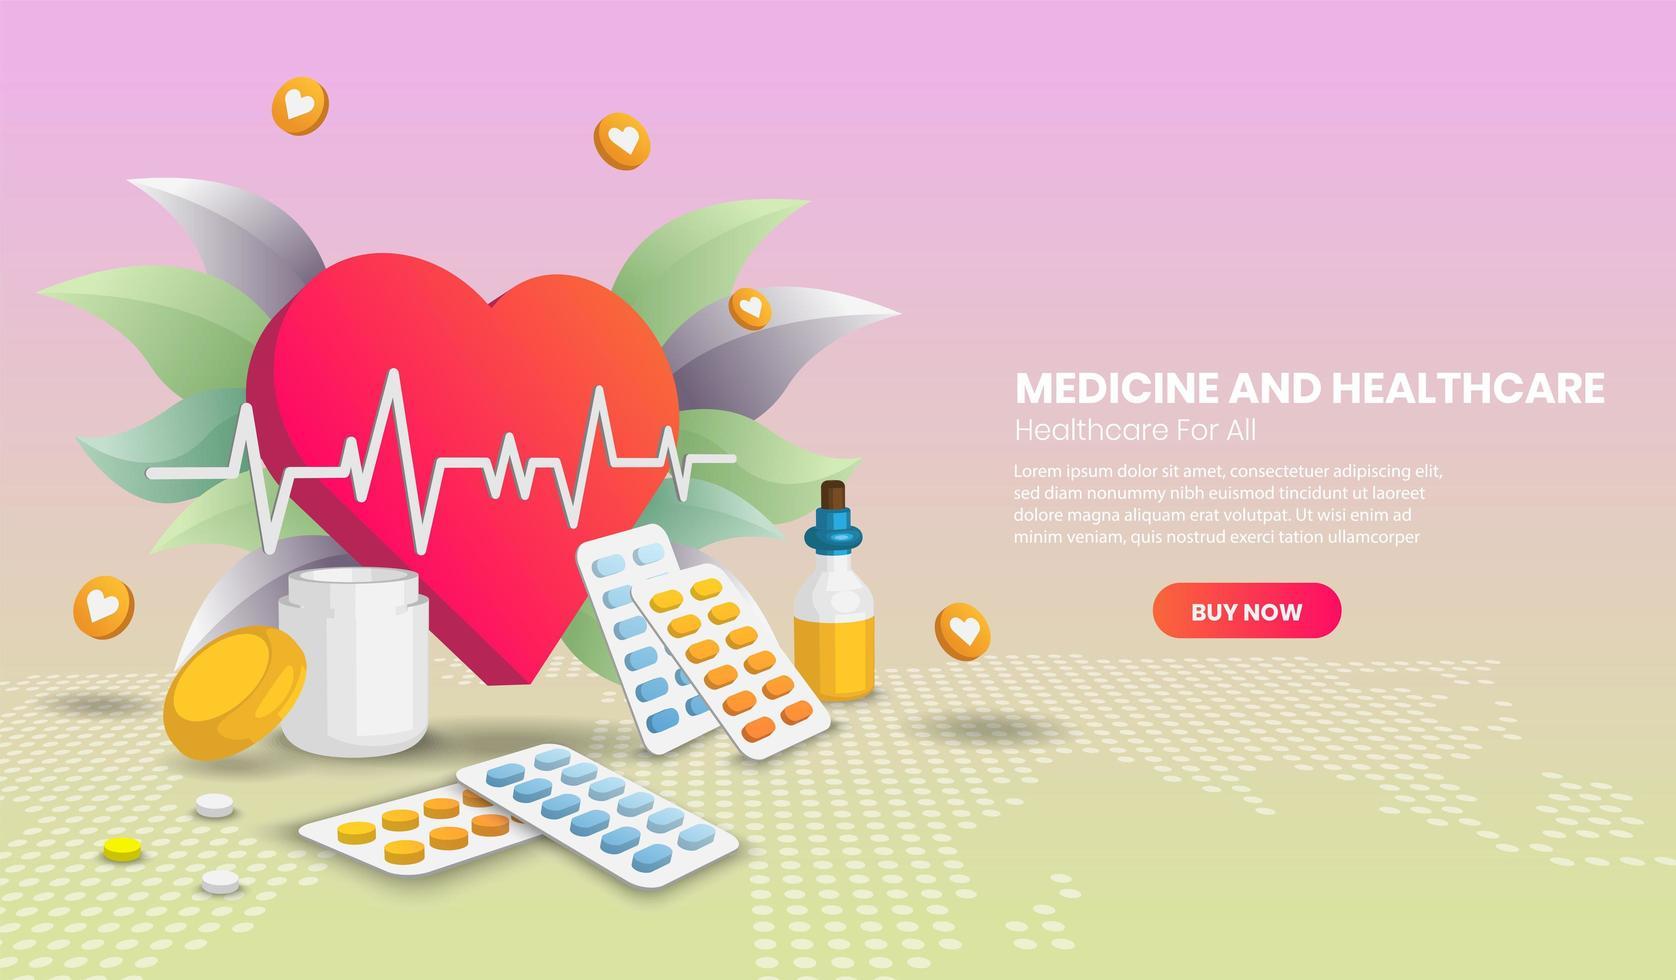 Medizin und Gesundheitswesen mit Riesenherz vektor